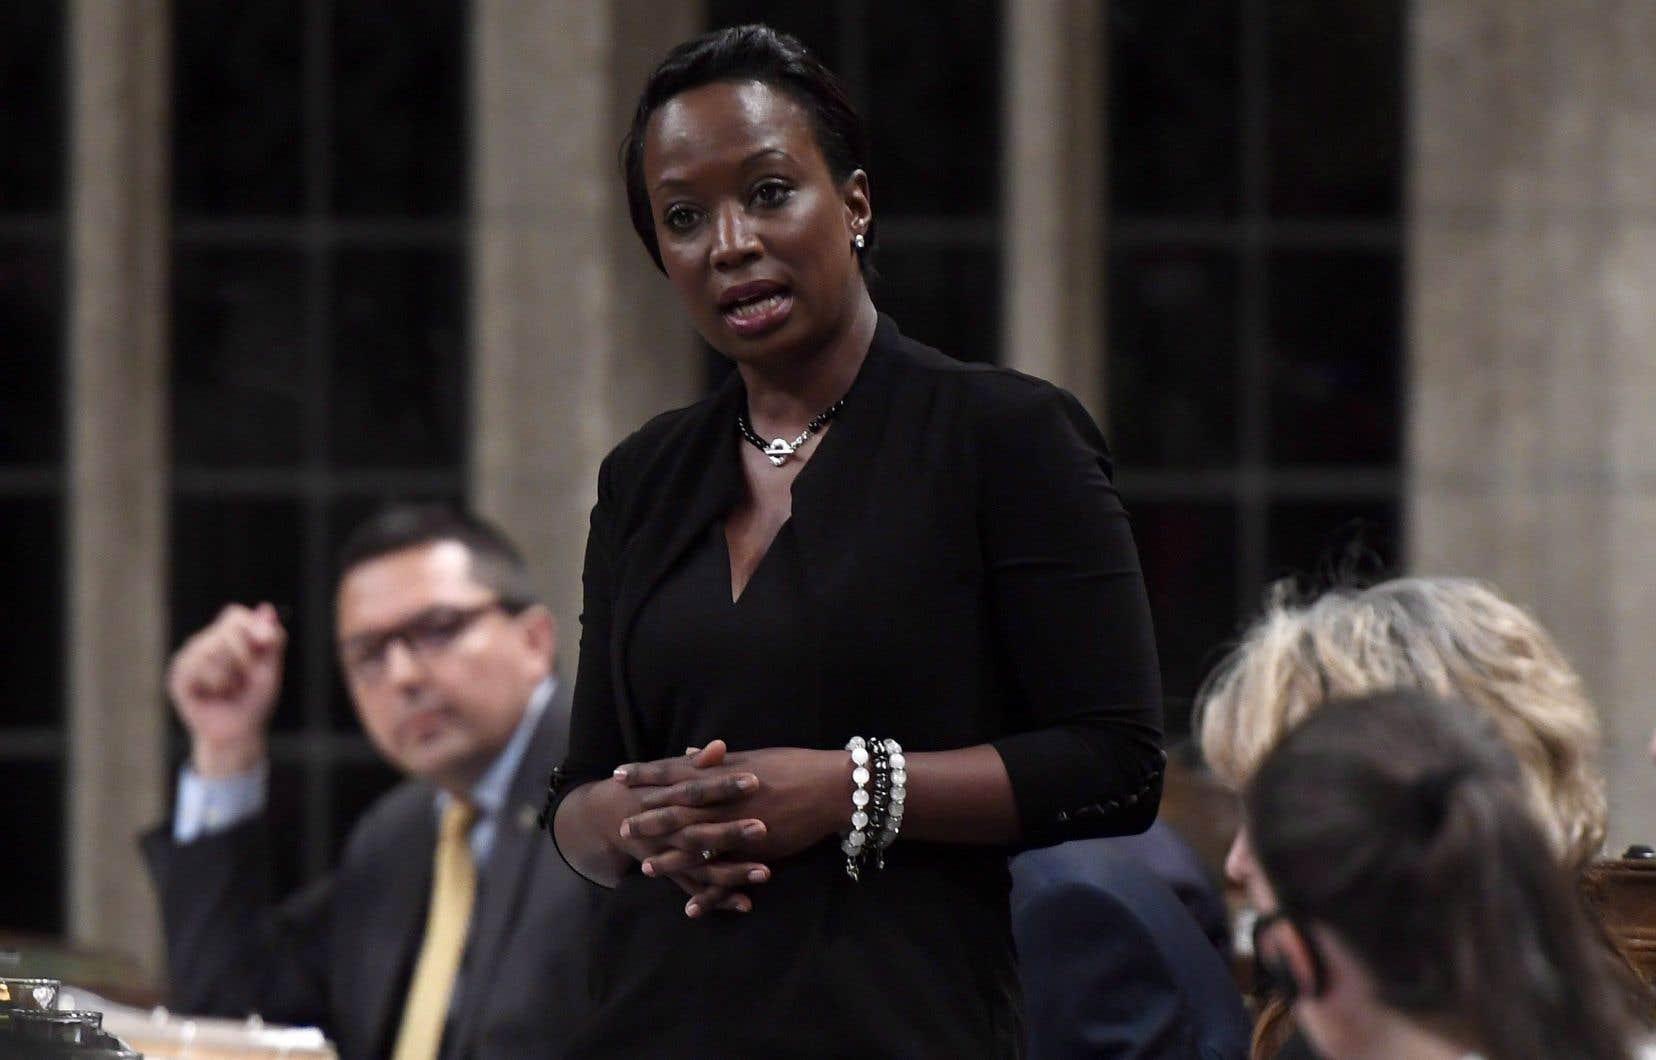 La députée ontarienne Celina Caesar-Chavannes s'était plainte sur Twitter de ses récentes interactions avecle premier ministre. Il se serait emporté, allant jusqu'à crier, lorsqu'elle lui avait annoncé qu'elle ne serait pas candidate à l'élection de l'automne.